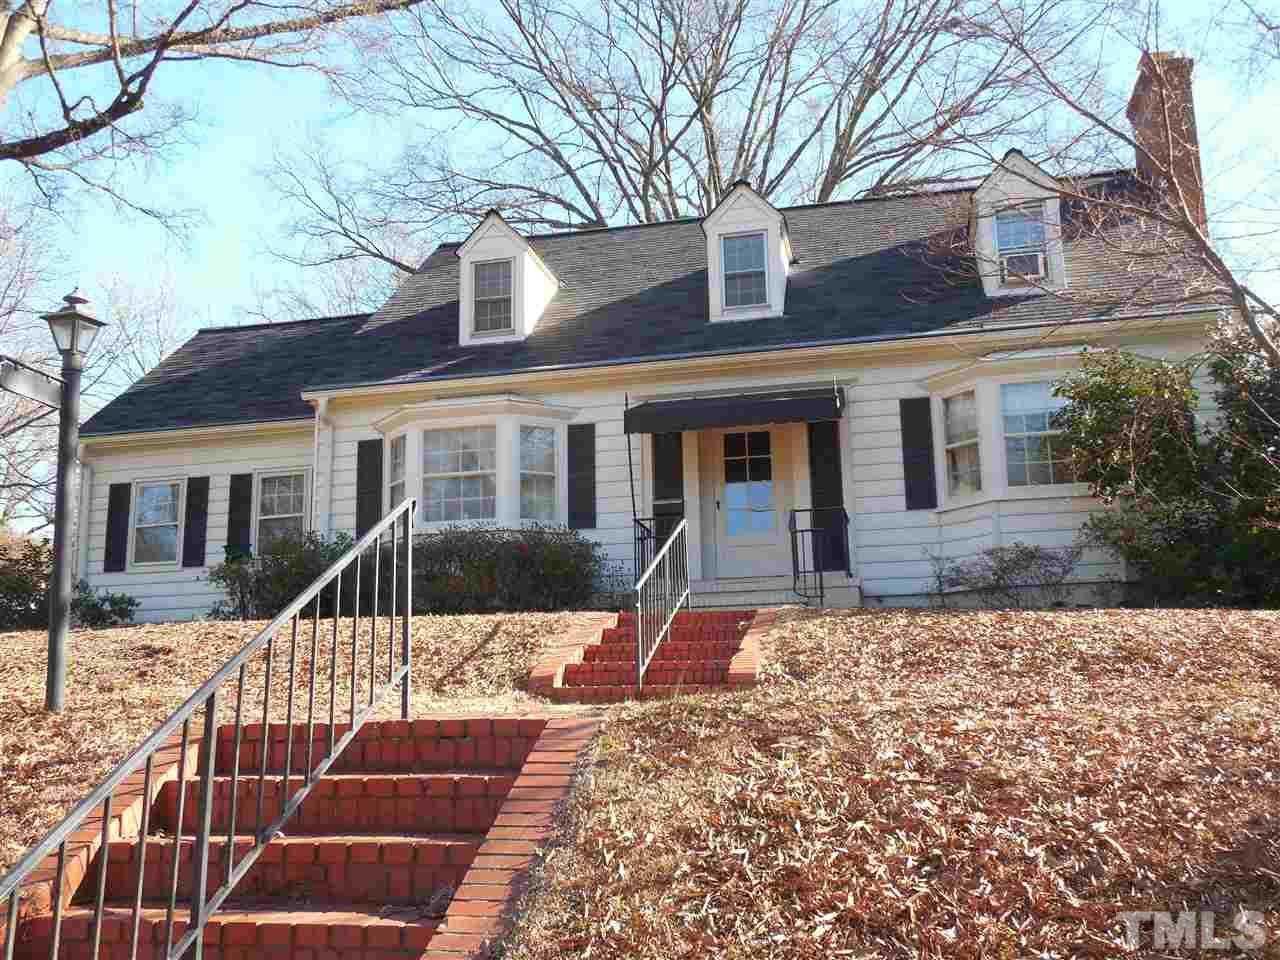 000 Confidential Ave. Durham, NC 27701 | MLS 2231321 Photo 1